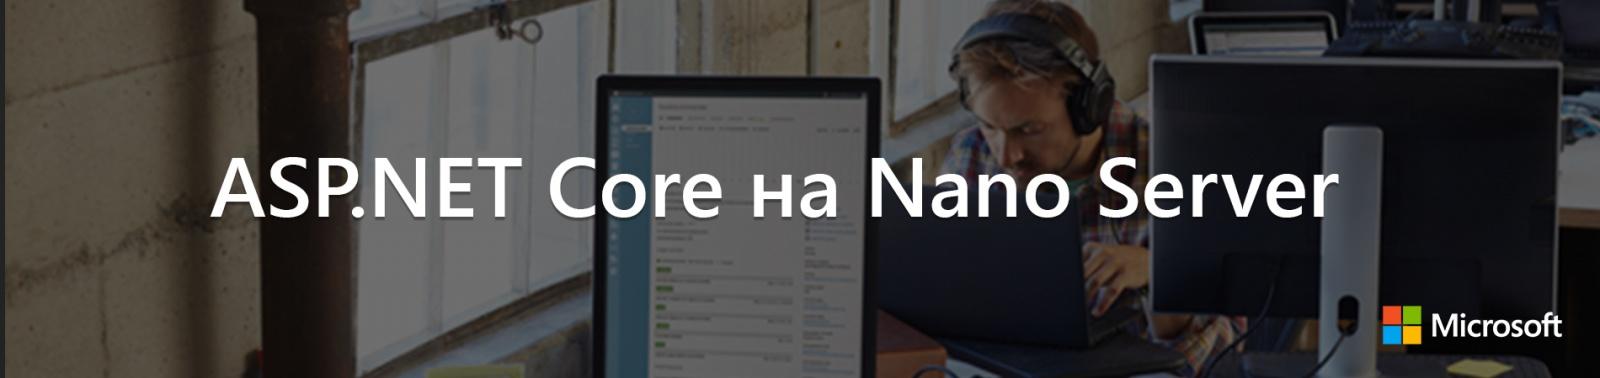 ASP.NET Core на Nano Server - 1